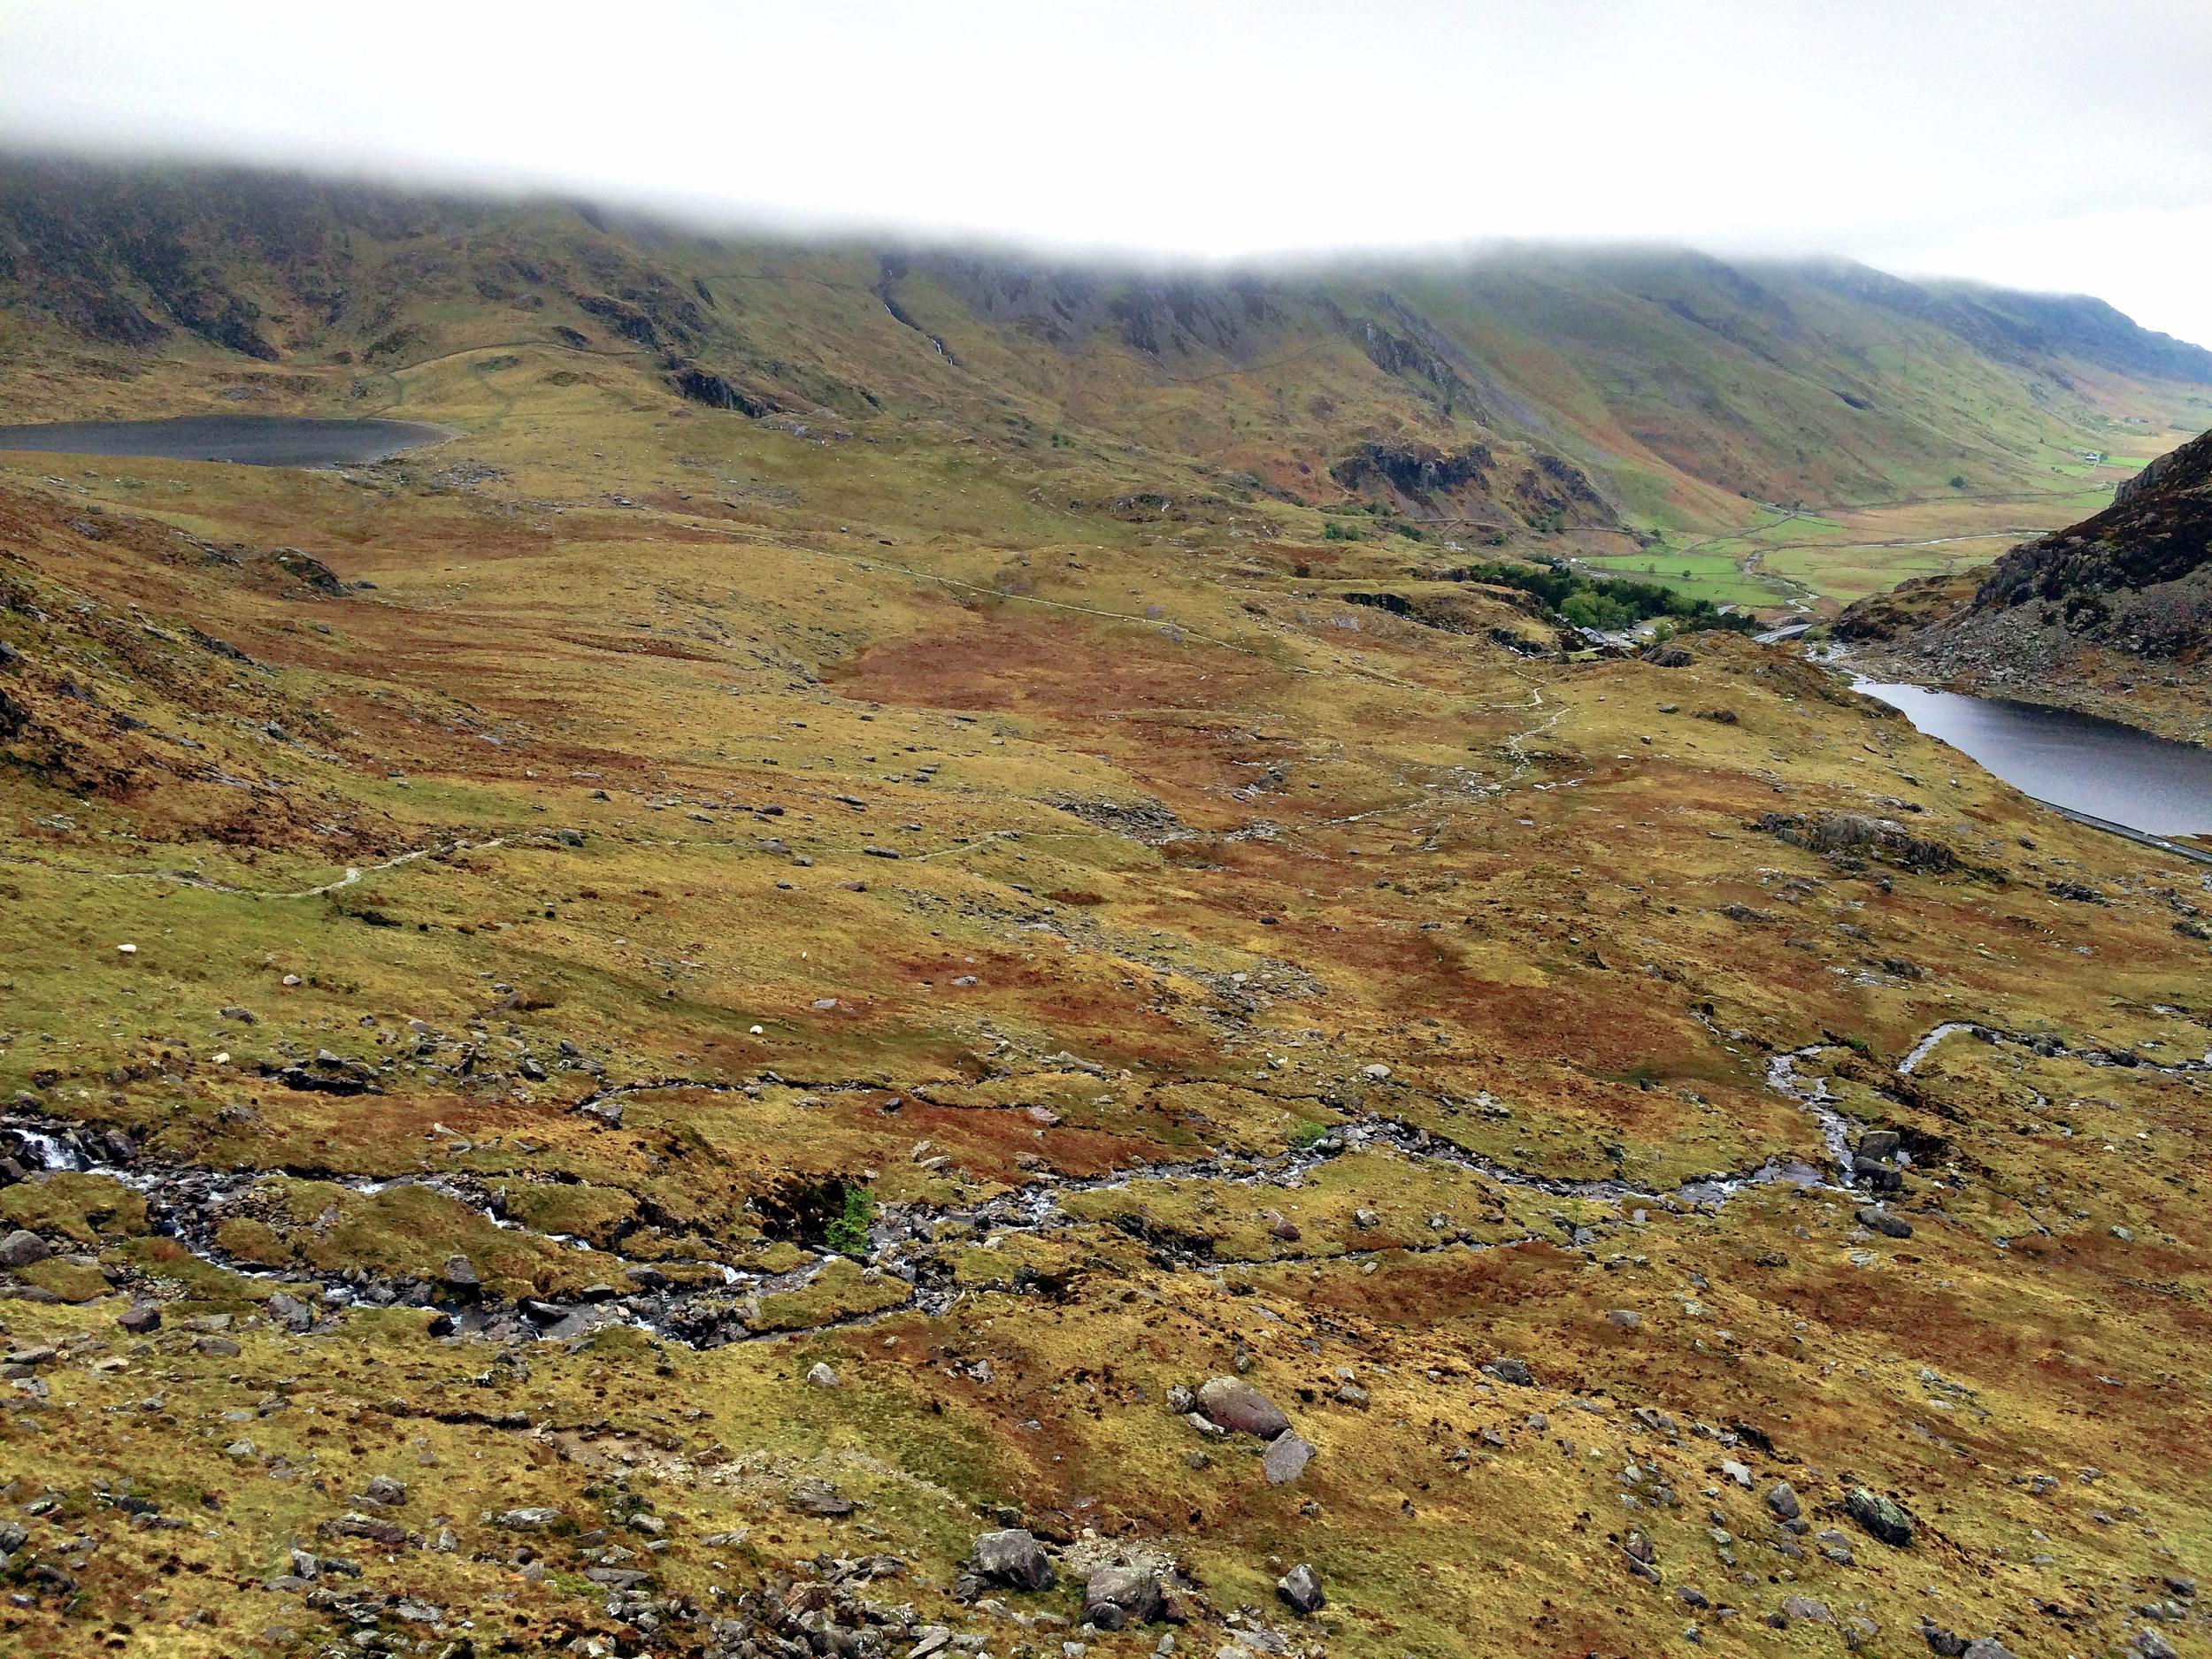 Näkymät topista - vasemmalla Llyn Idwal, oikealla Llyn Ogwen ja pilvikerros kertoo missä mennään.